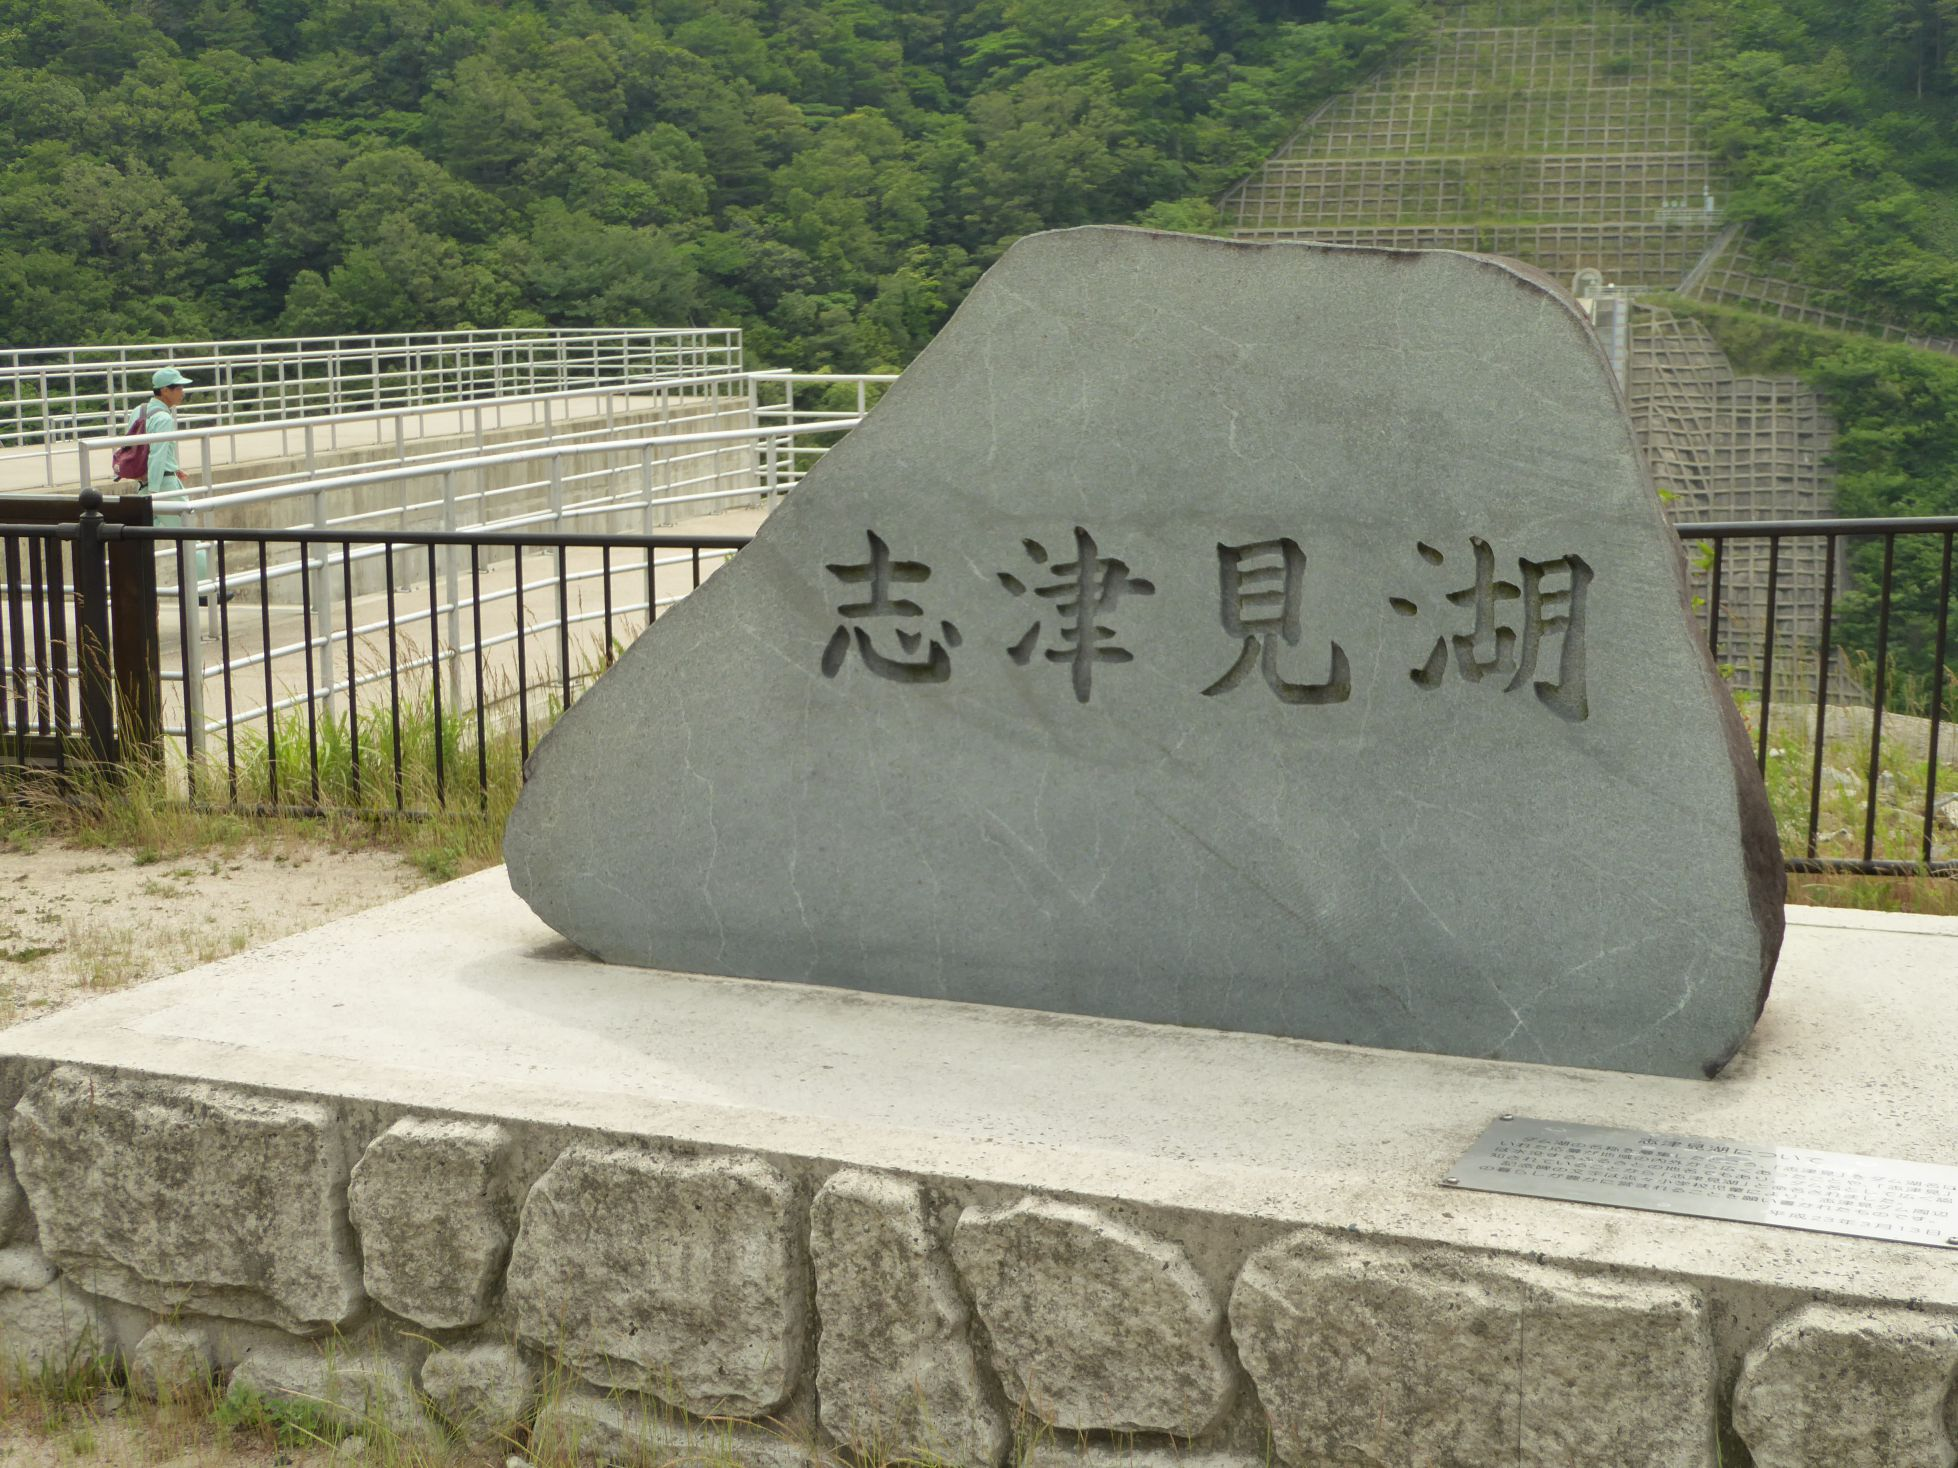 志津見ダム